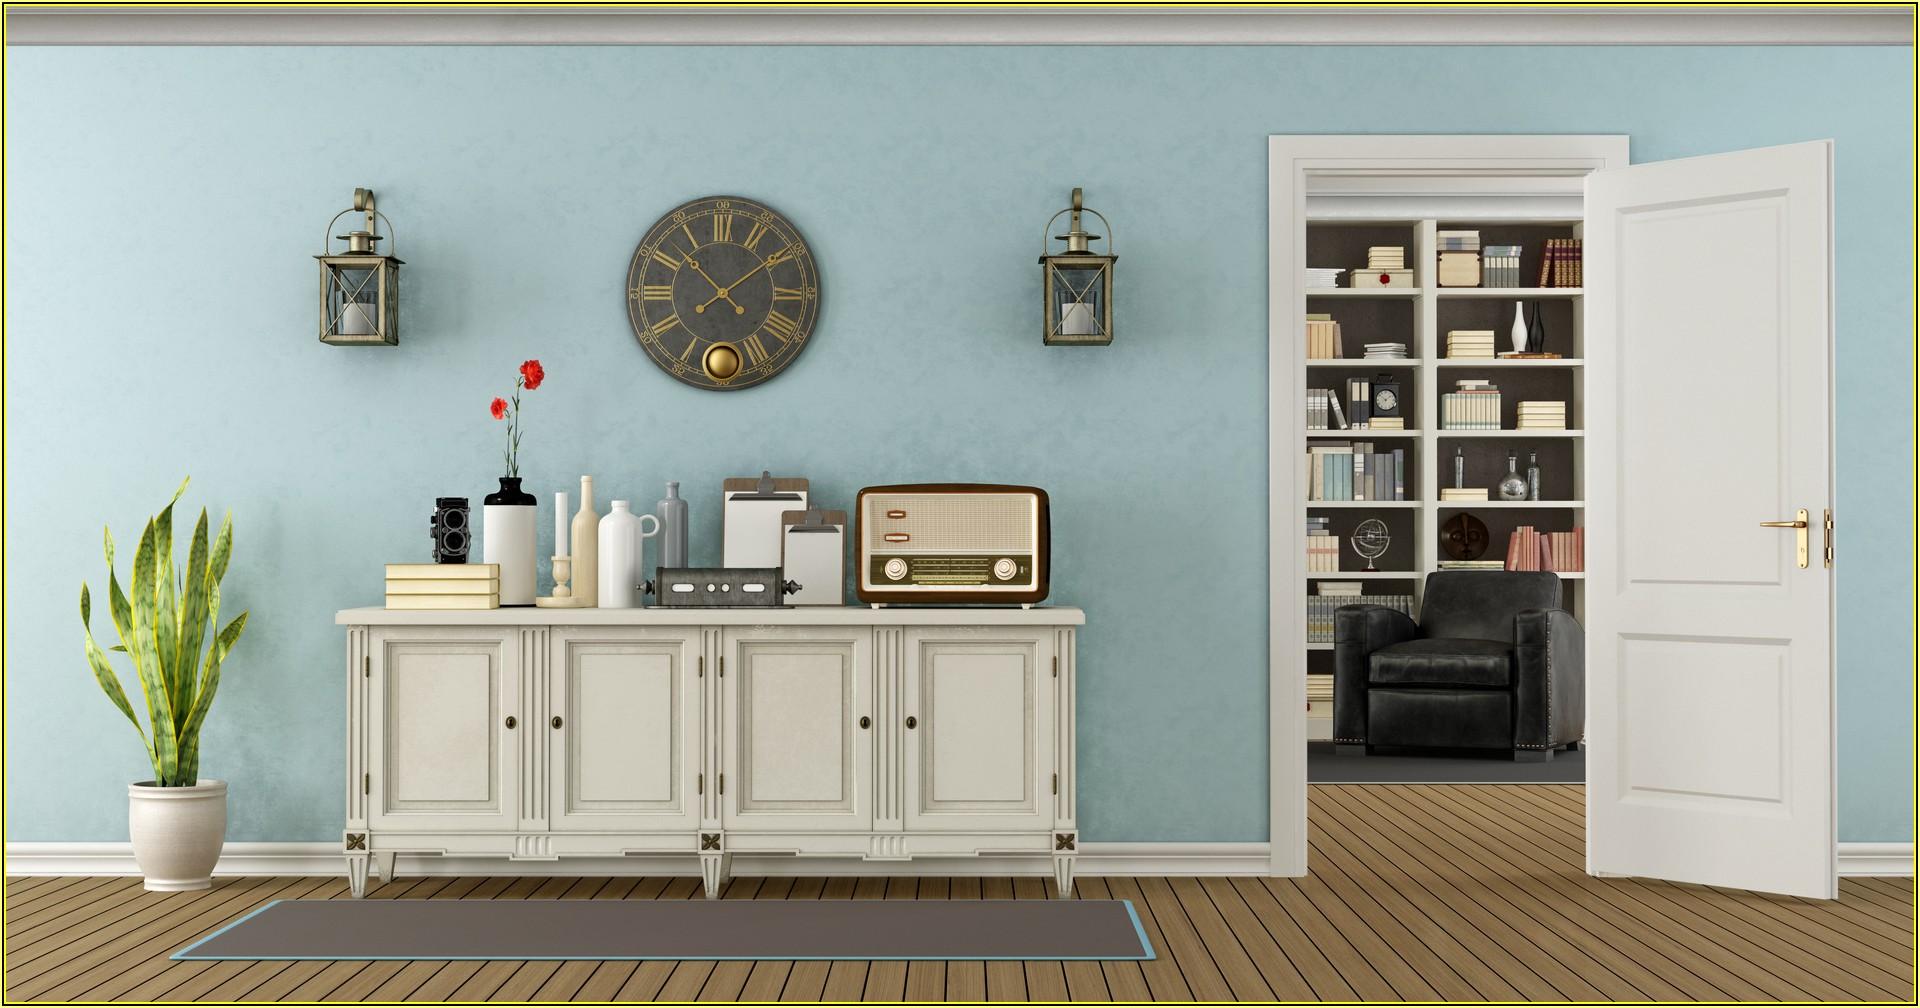 Schöner Wohnen Kinderzimmer Farben